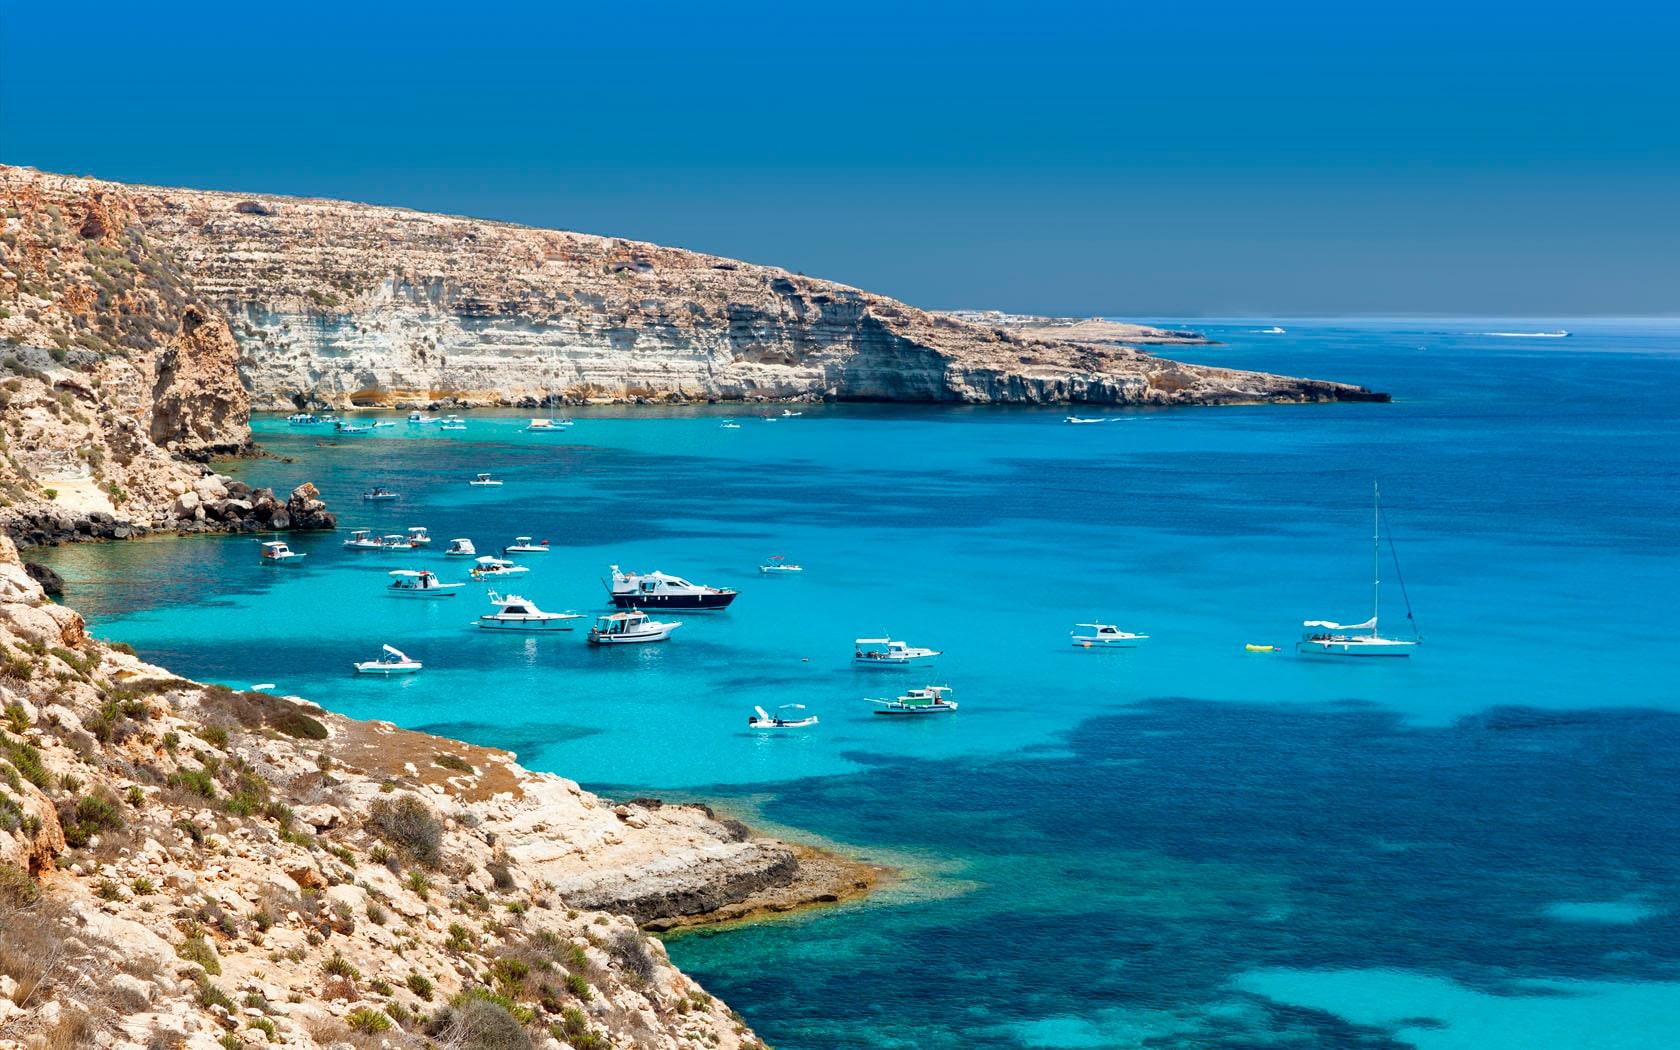 Voli per Lampedusa low cost - Trova il tuo volo | Vueling